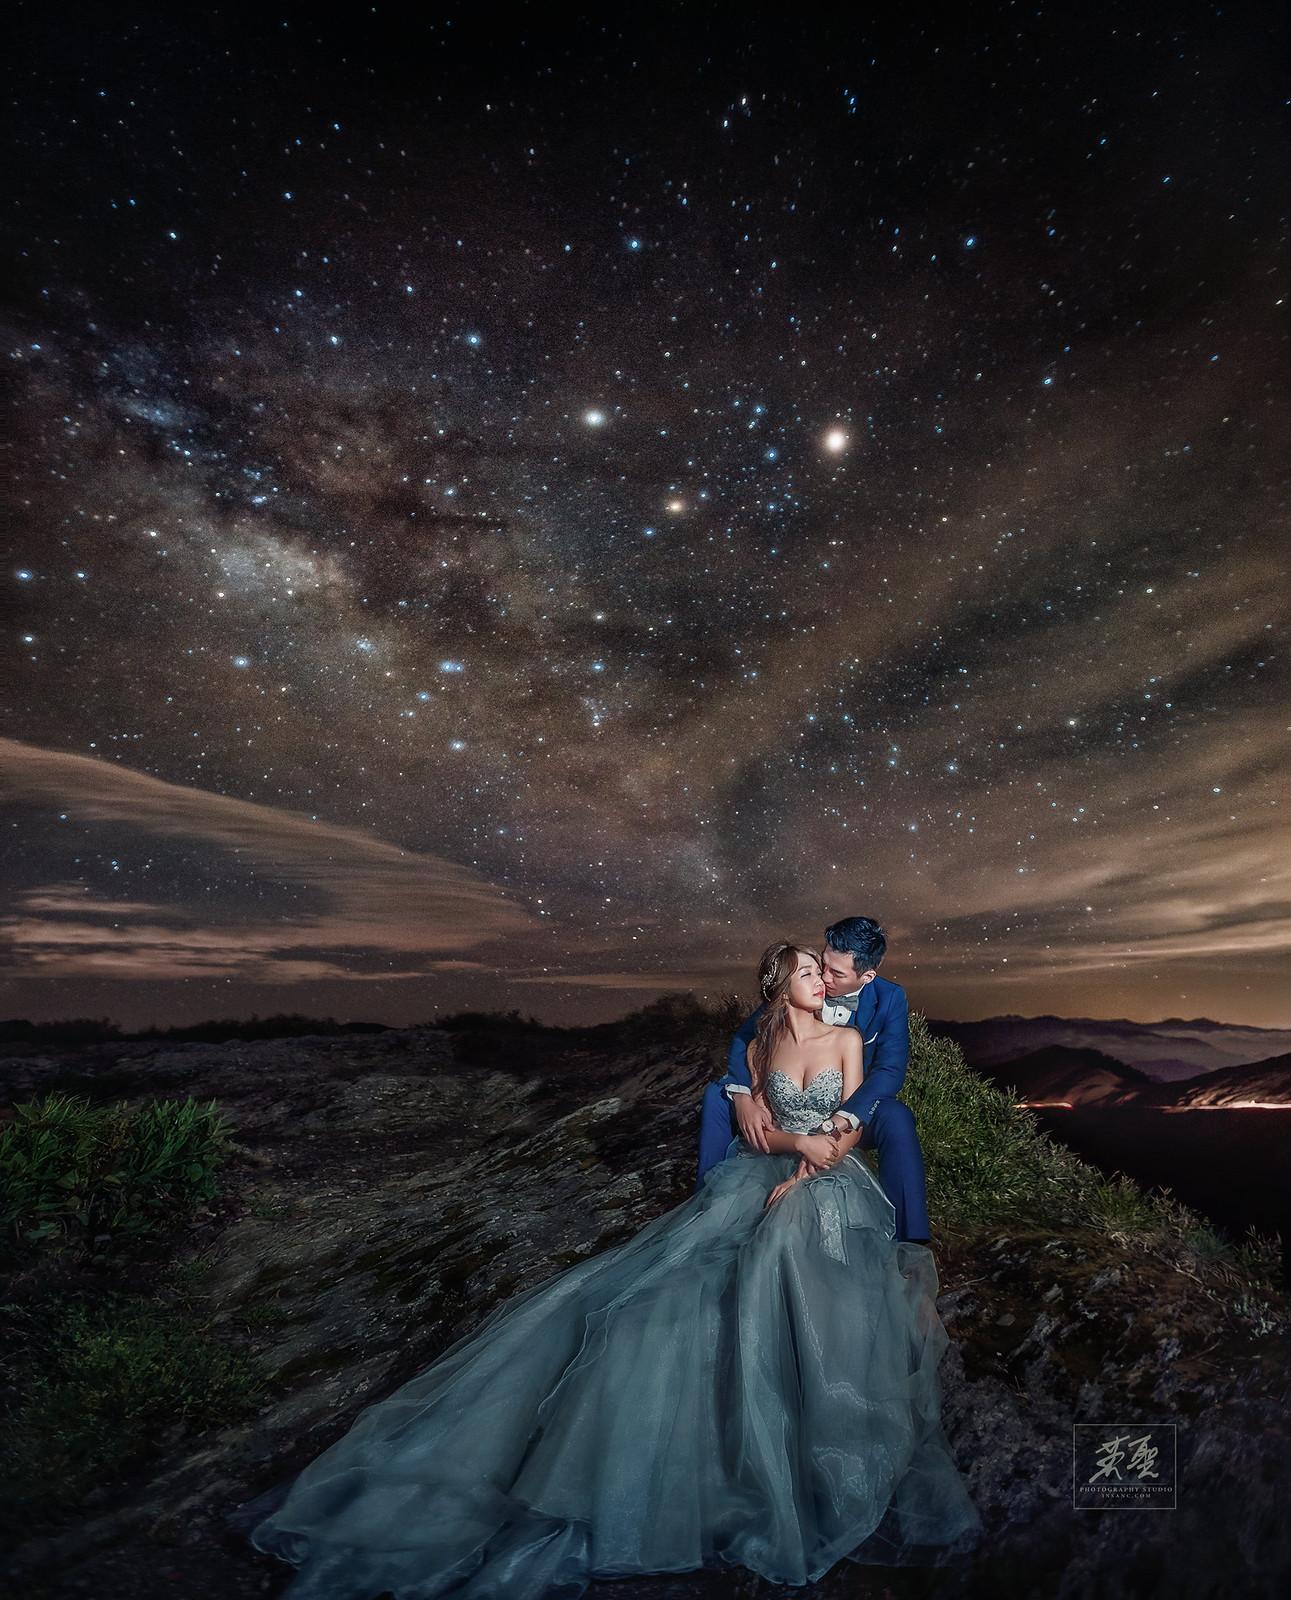 婚攝英聖-銀河婚紗photo-20160601234640-1920